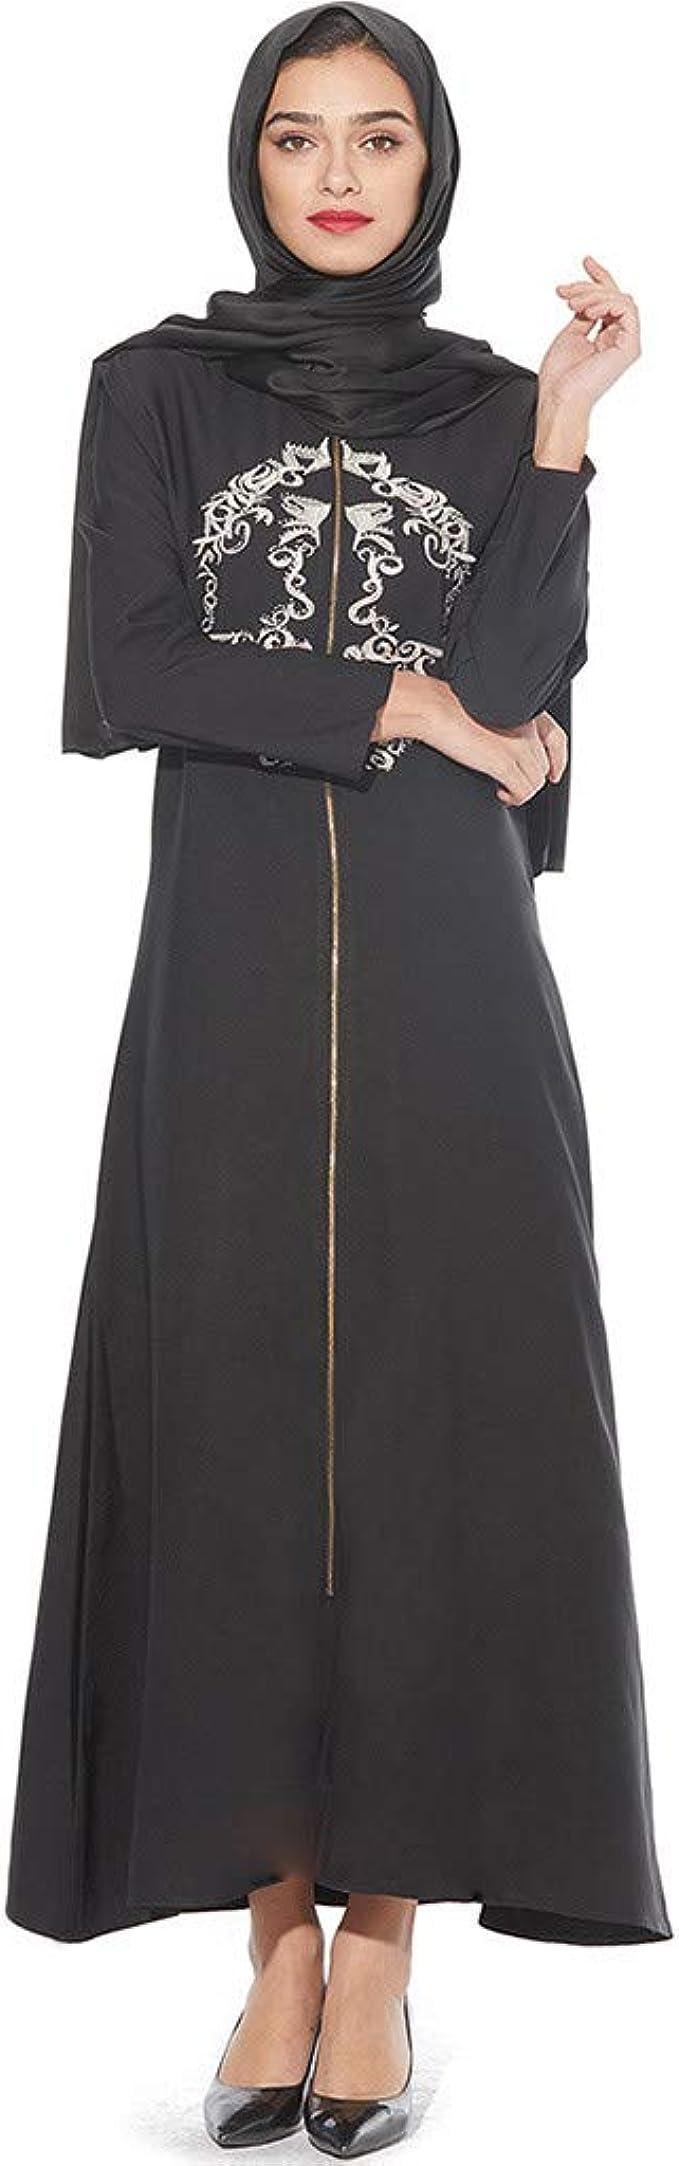 Vovotrade Bordado Nacional musulmán Vestido de Gran tamaño ...